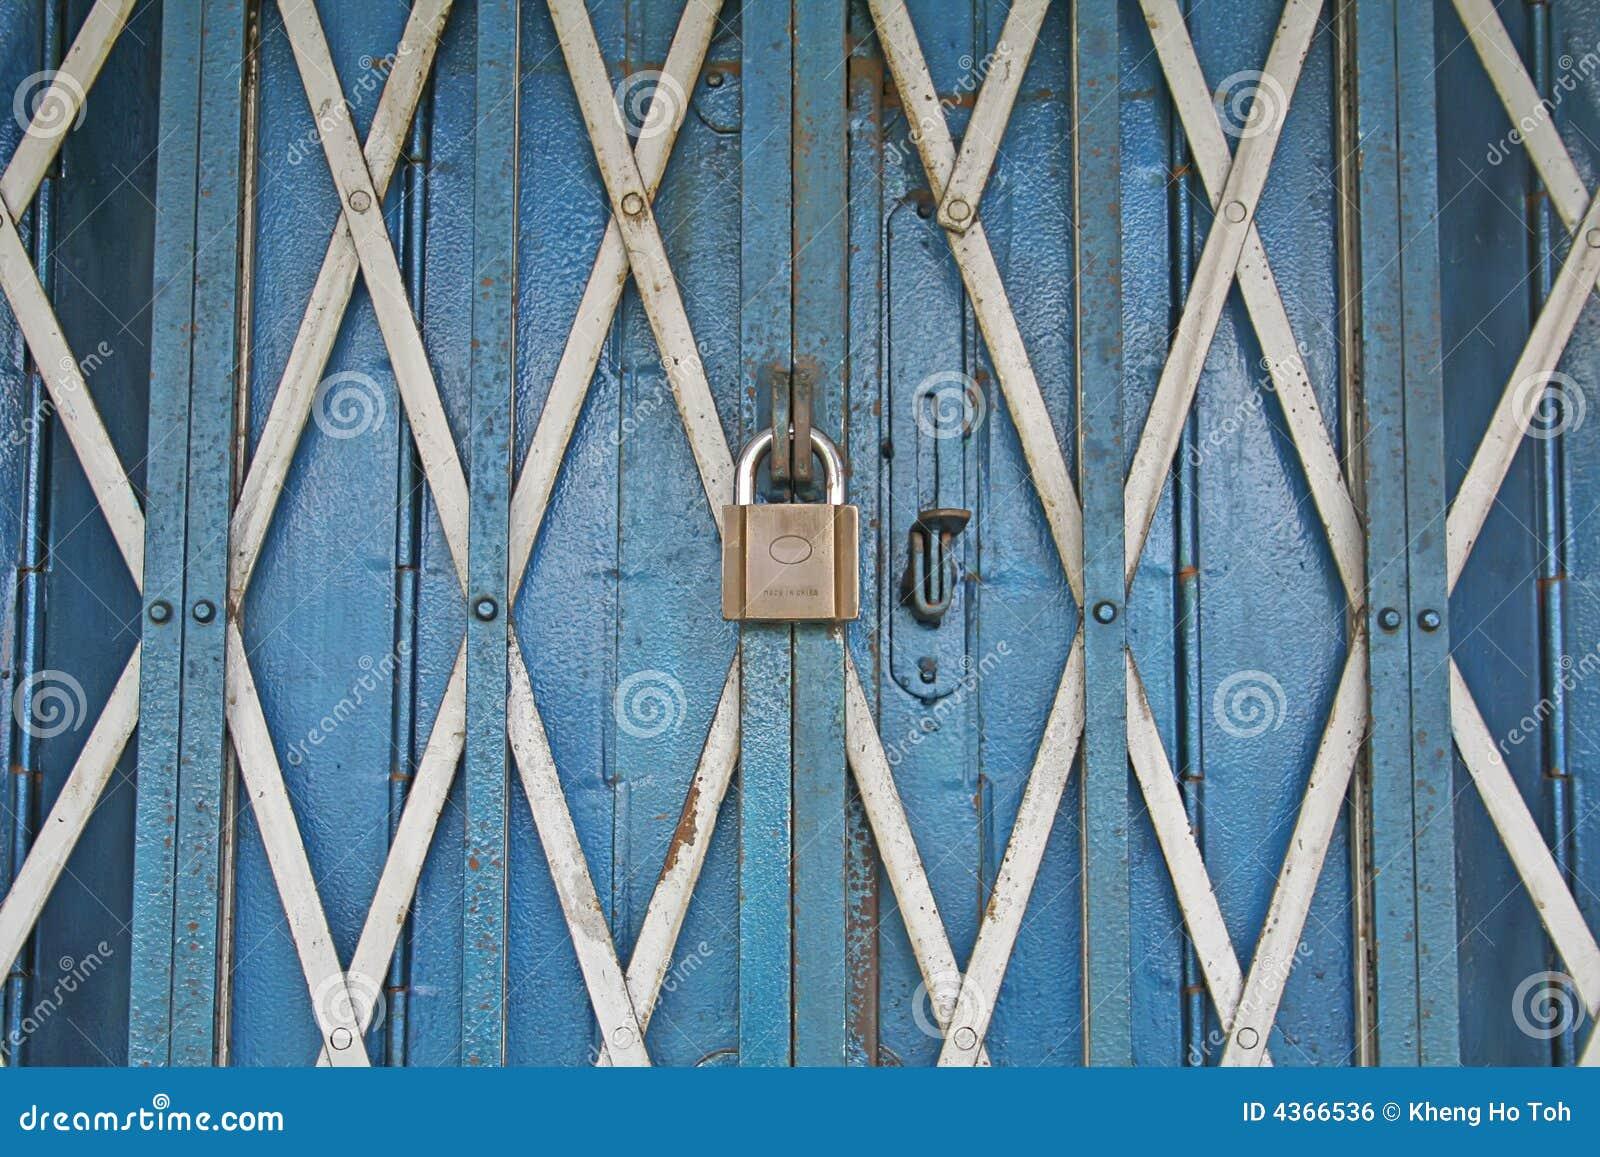 De zwaar veilige en gesloten ingang van de winkel van het ijzer royalty vrije stock afbeelding for Decor ingang